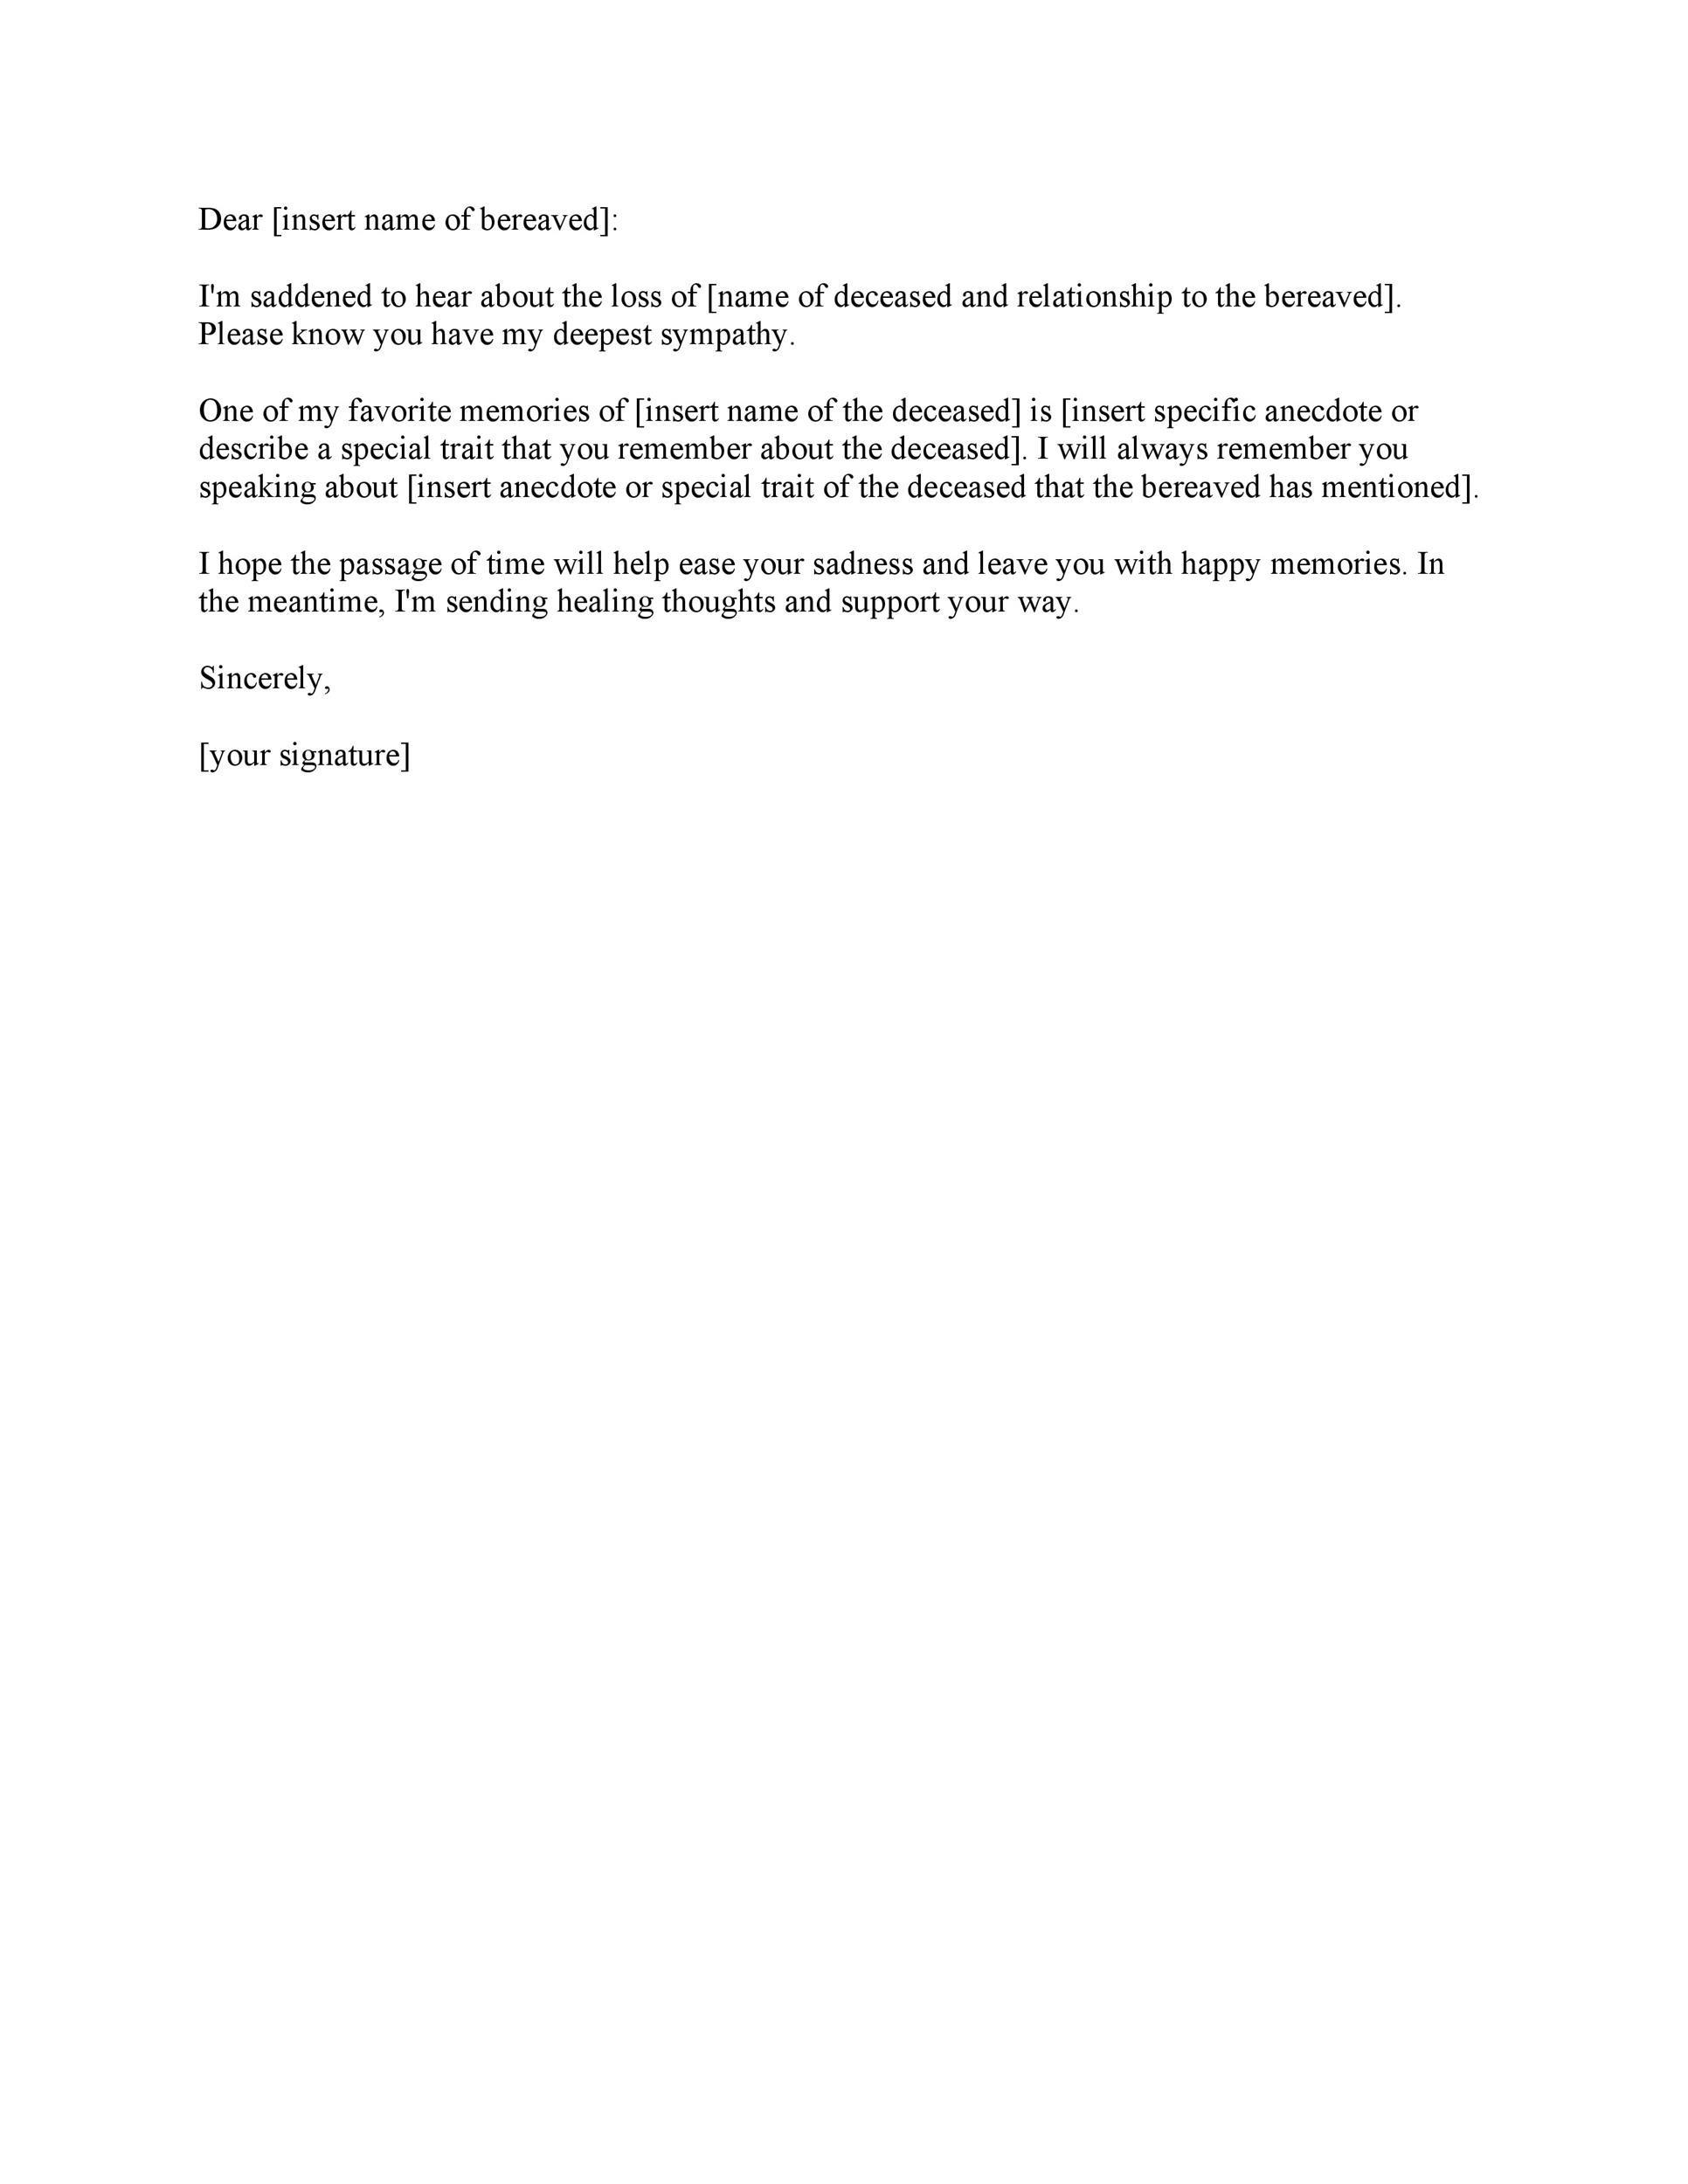 Free condolence letter 12